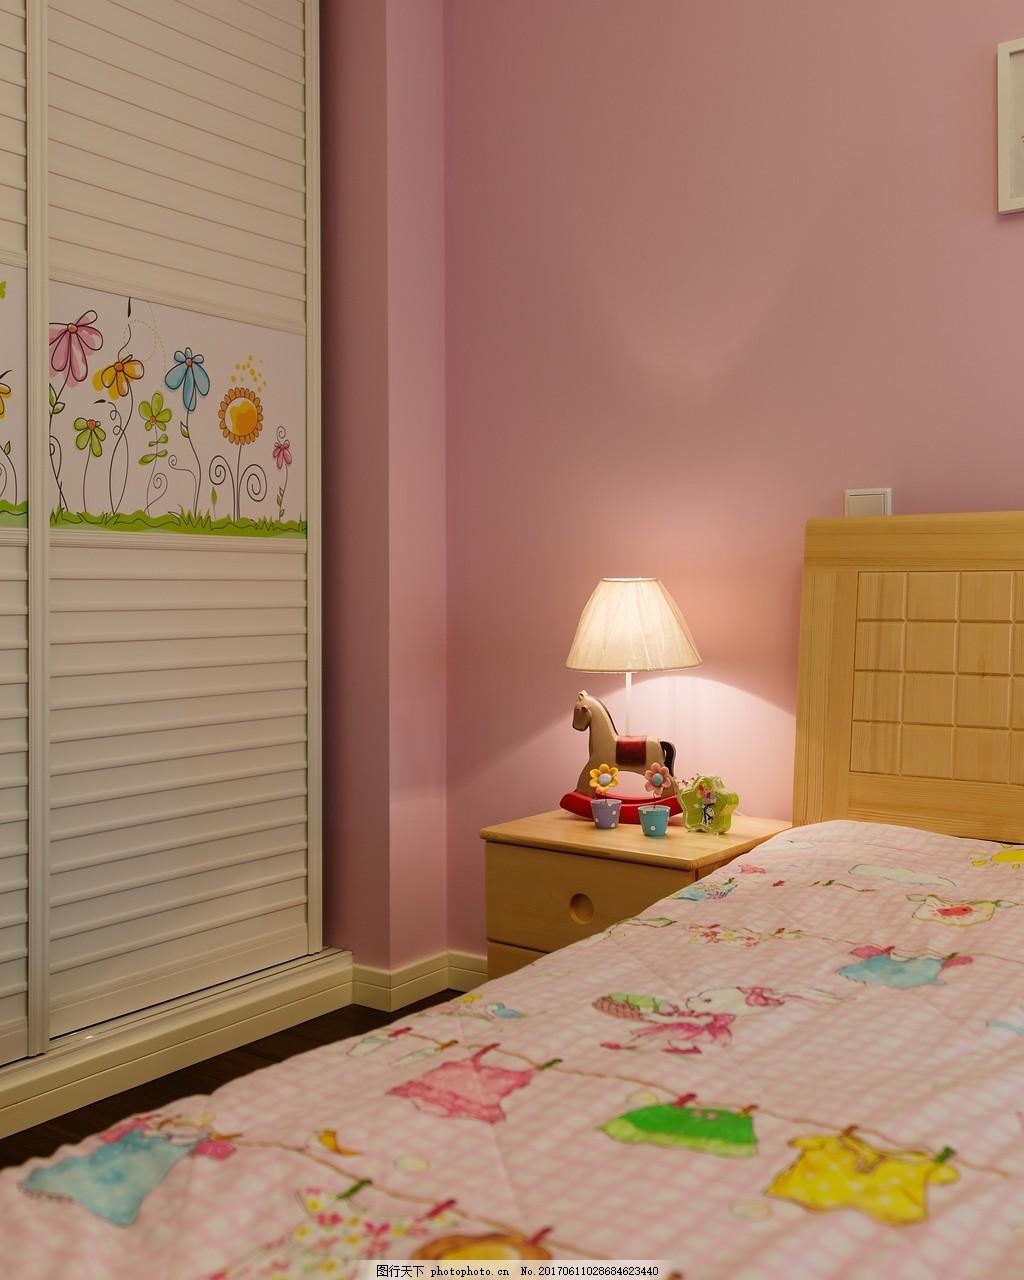 美式女童卧室装修效果图 室内设计 家装效果图 欧式装修效果图 时尚